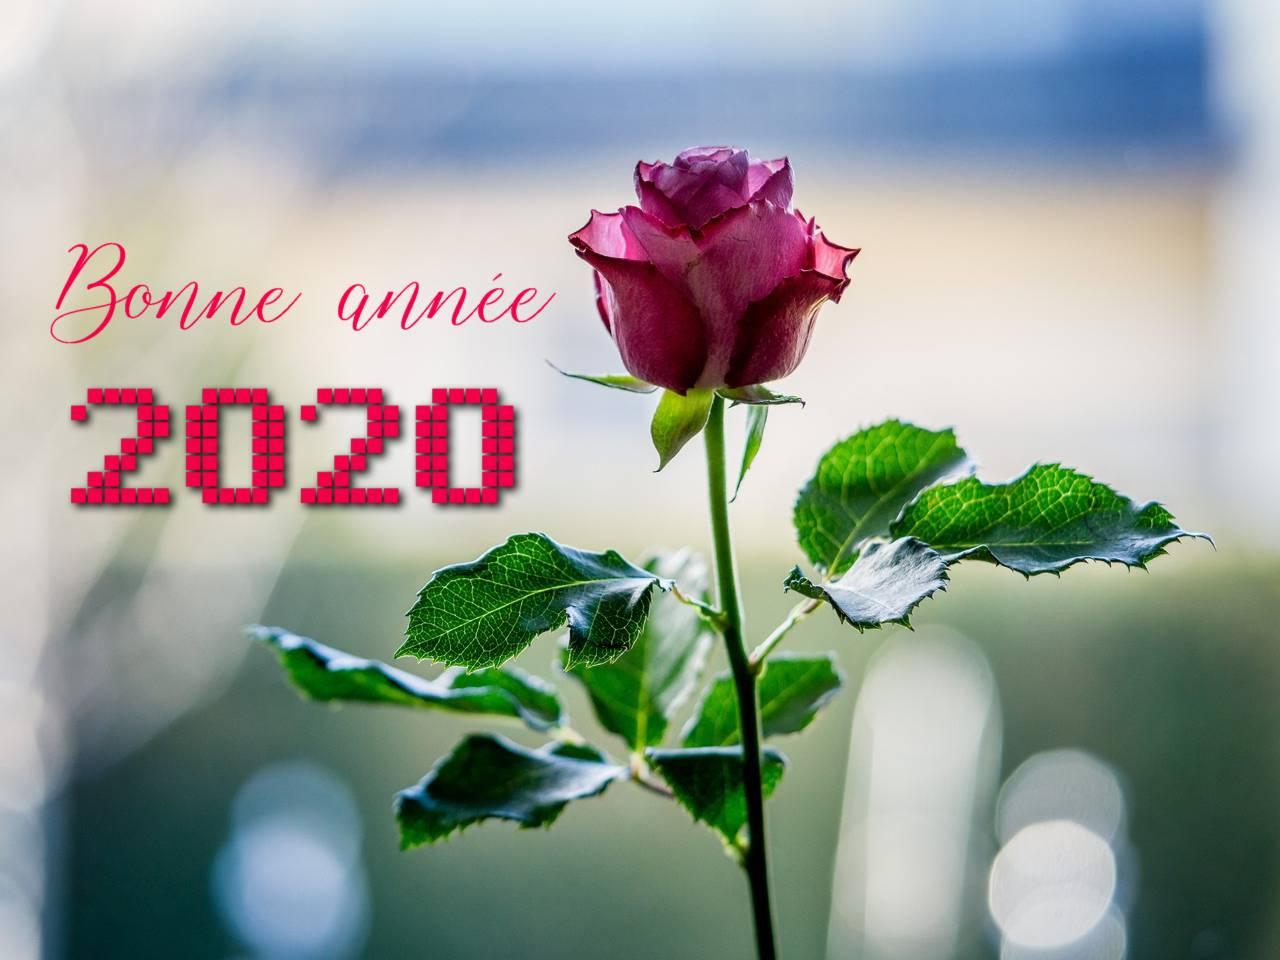 Cartes Bonne Année 2020 Gratuites - Message D'amour avec Carte Nouvel An Gratuite